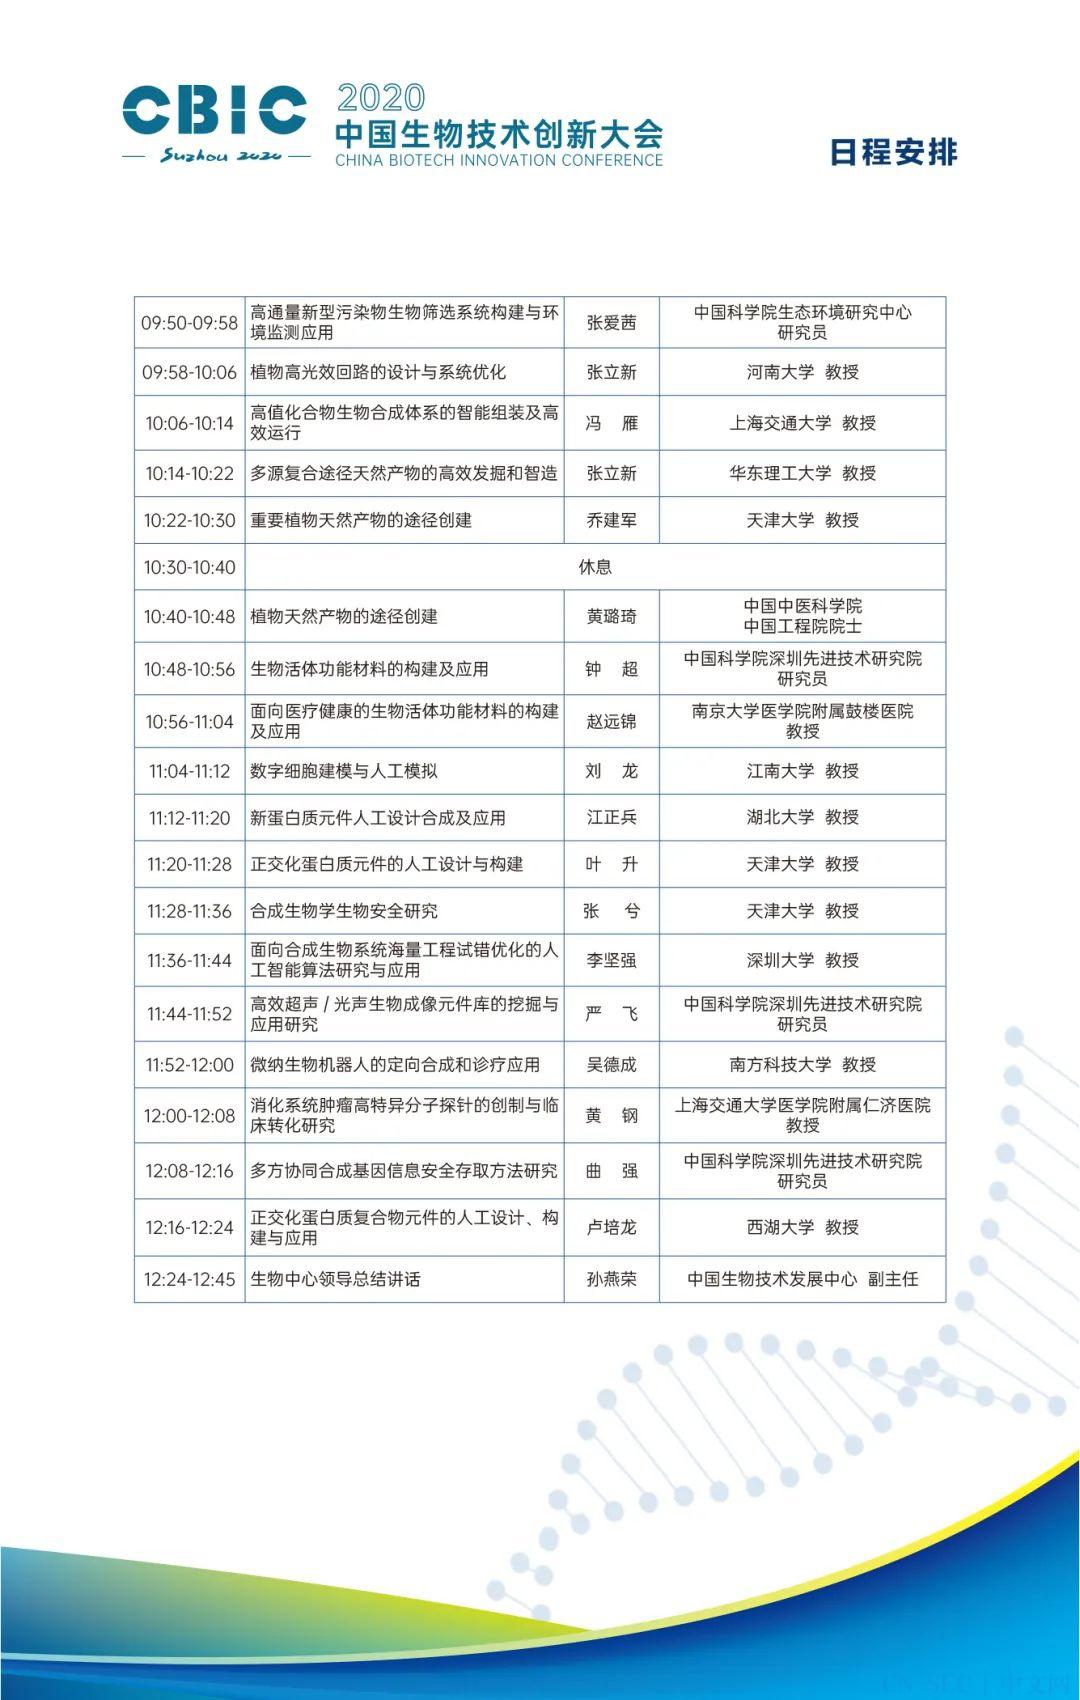 CNCERT何跃鹰将在2020中国生物创新技术大会上作《2020中国网络生物安全发展报告》